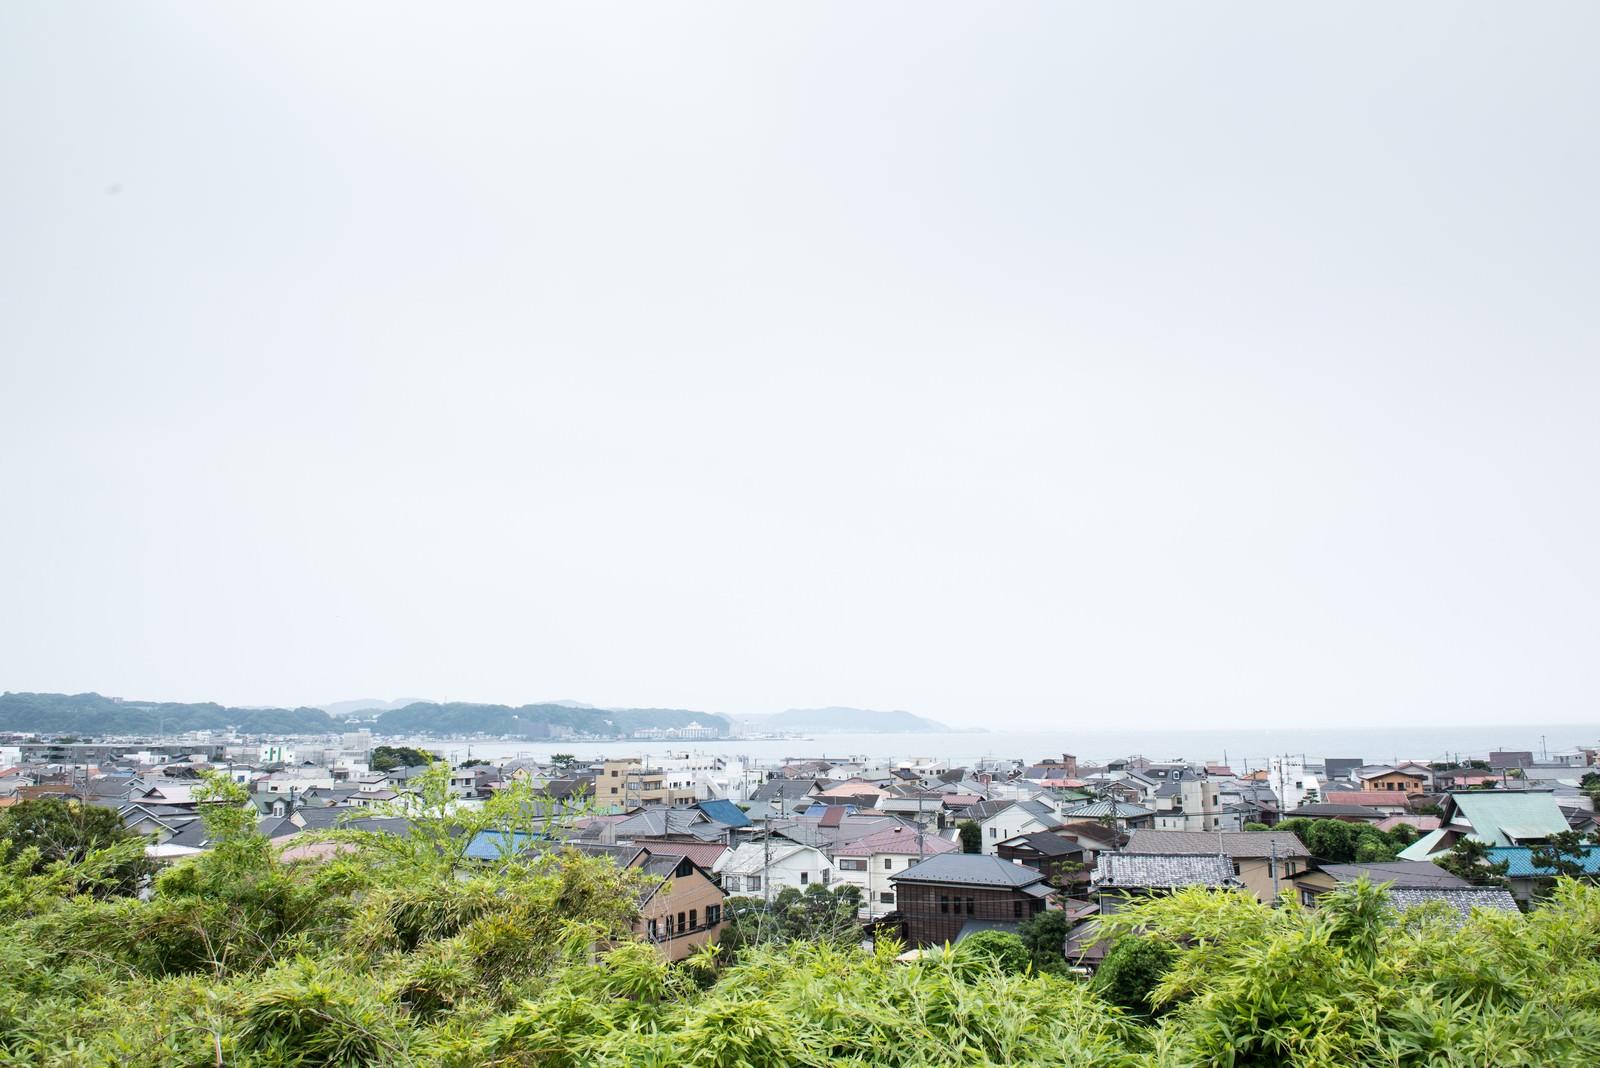 「海沿いの街並み」の写真